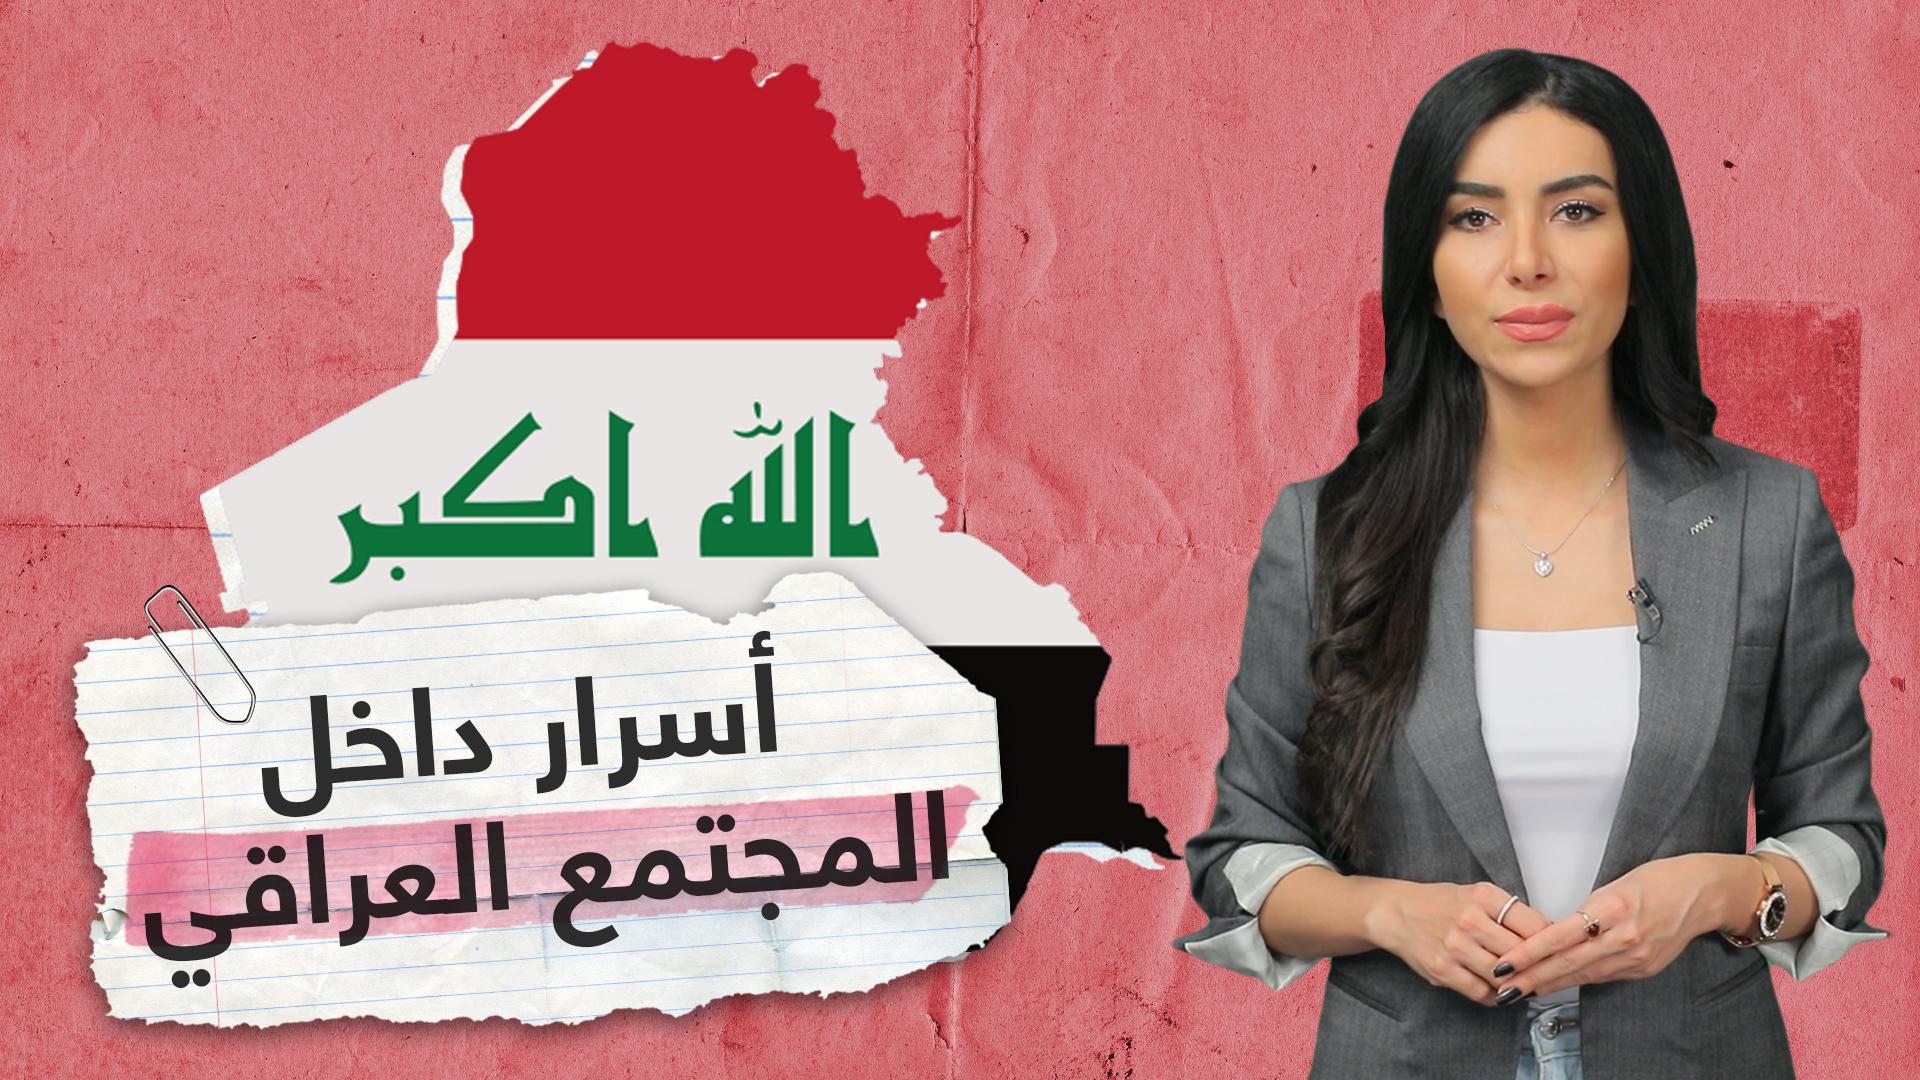 أسرار المجتمع العراقي